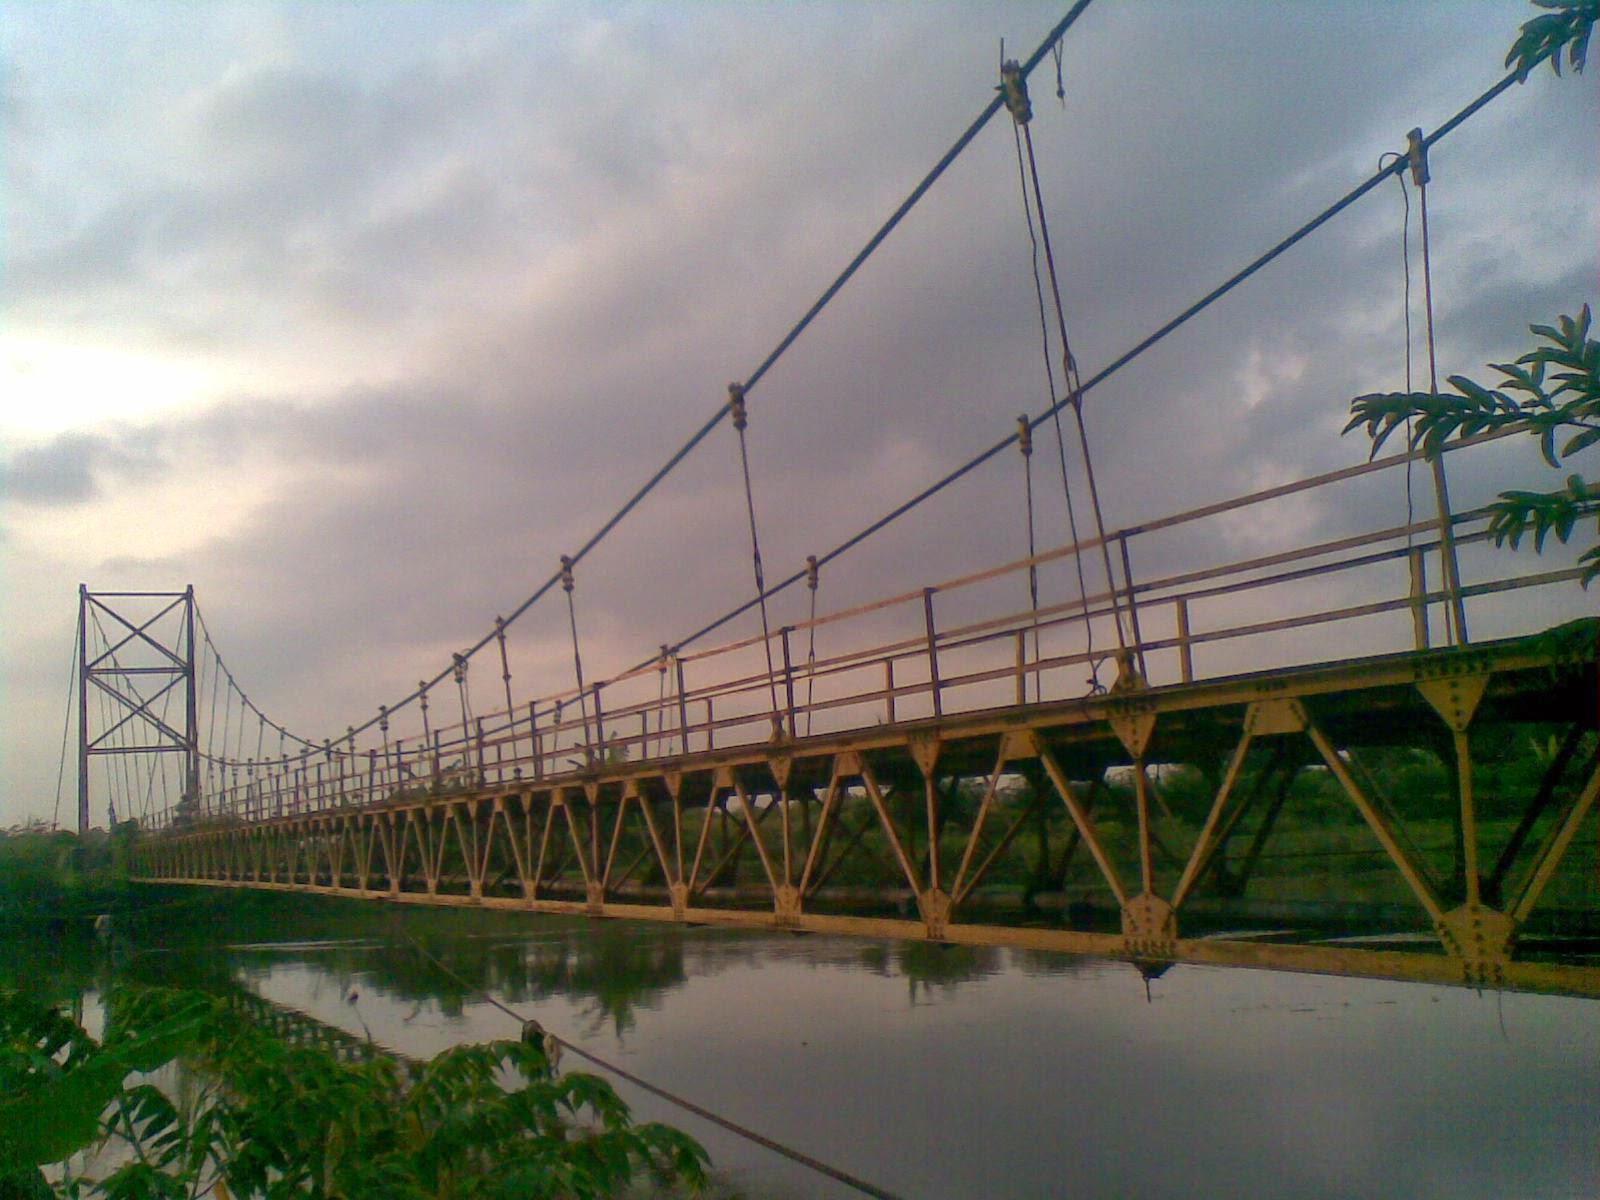 Jembatan Paling Ngeri dan Tragis di Kota Pati